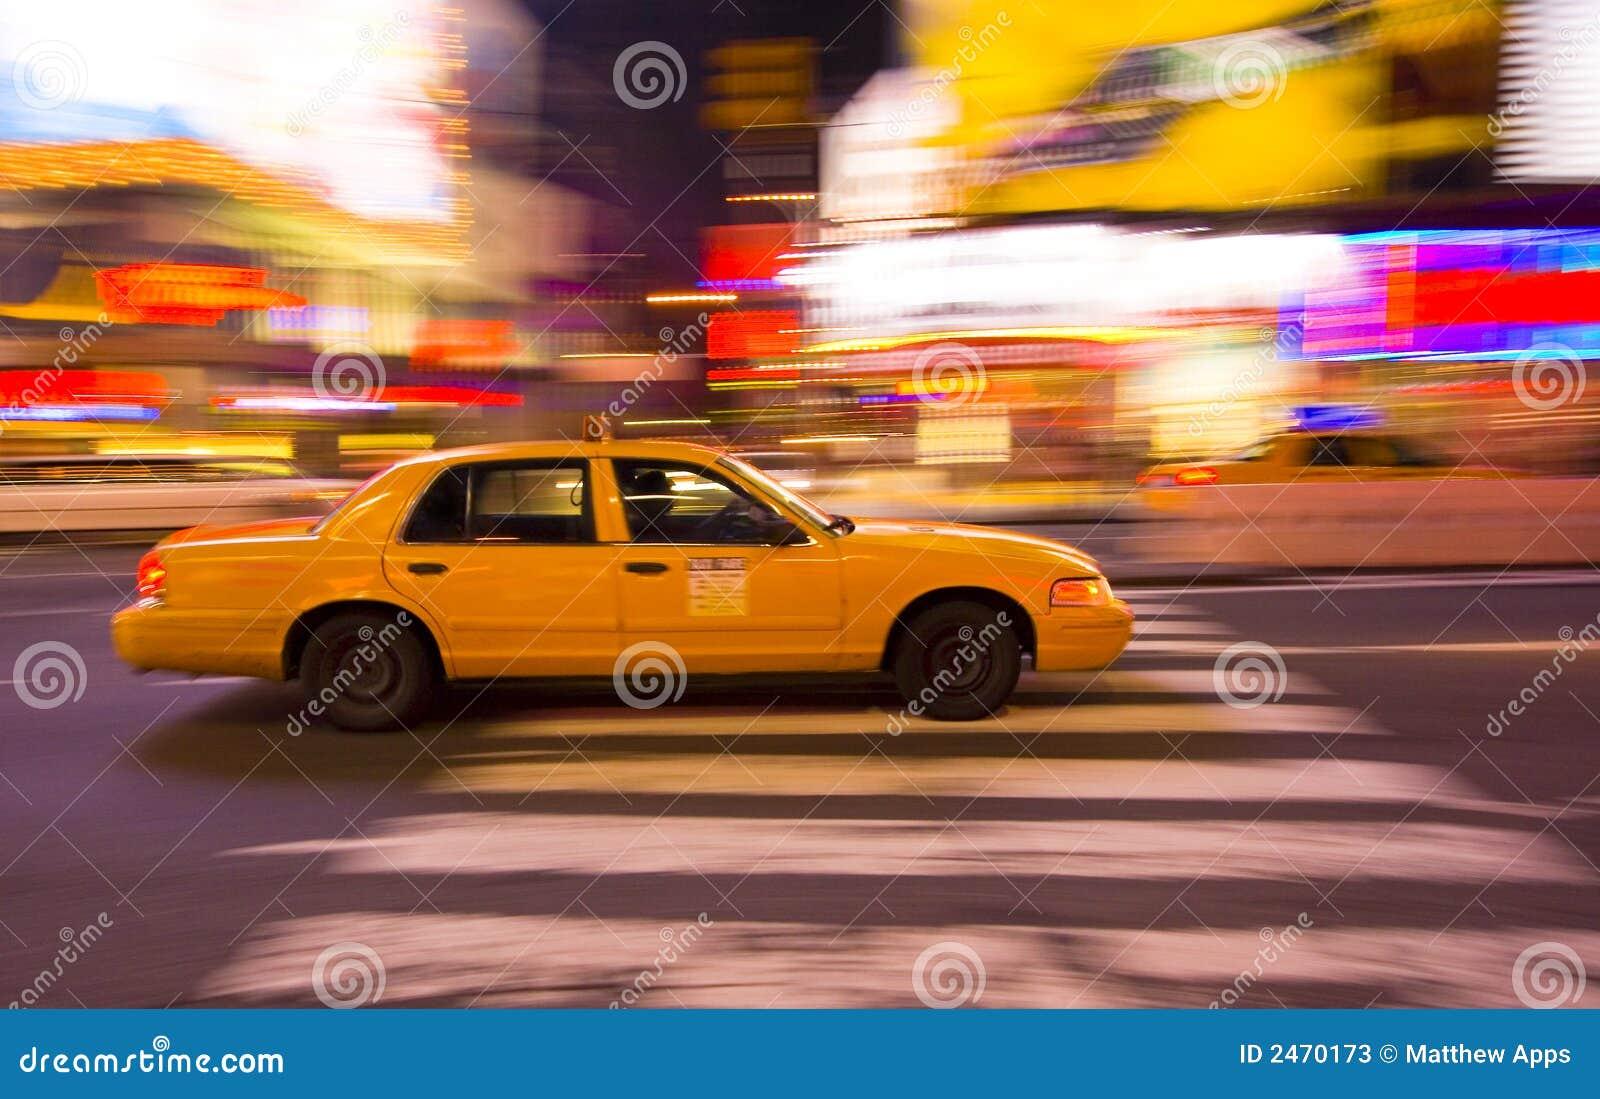 Mknięcia taksówki miasta taksówkę